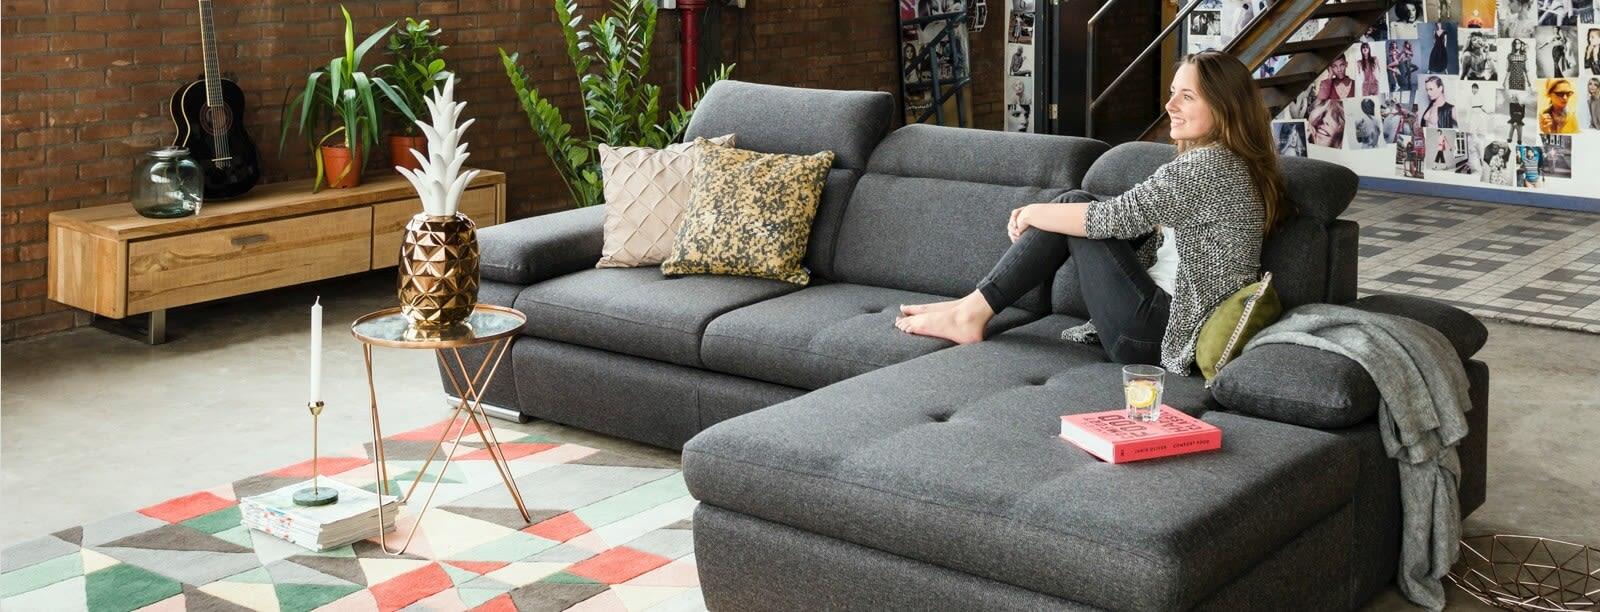 Kreiere dein eigenes Sofa!